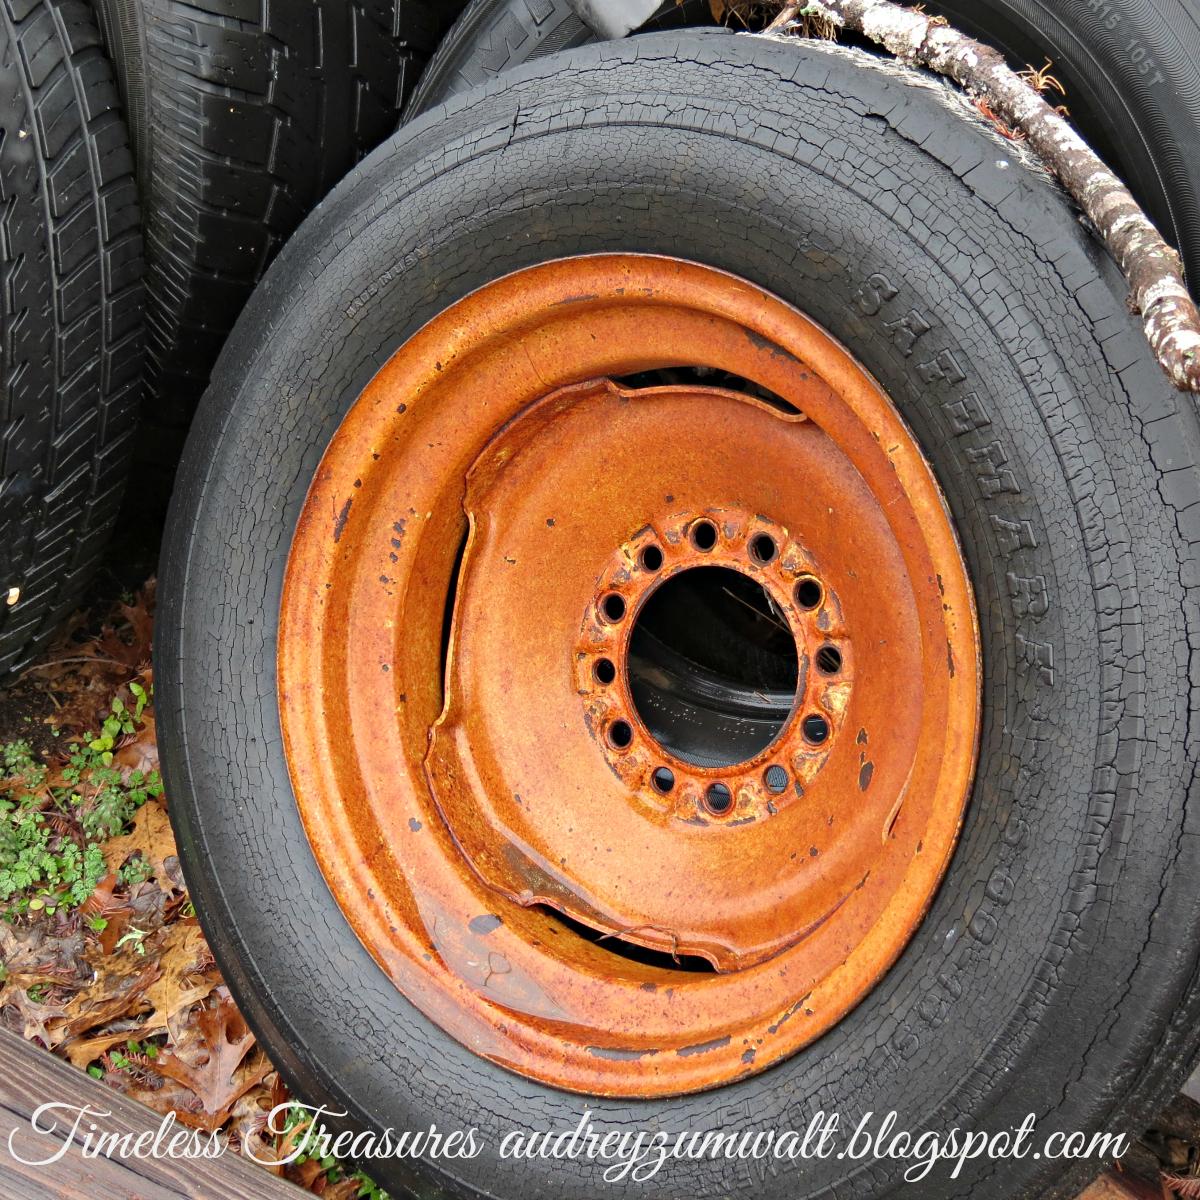 Timeless treasures junk yard treasures for Scrap tractor tires